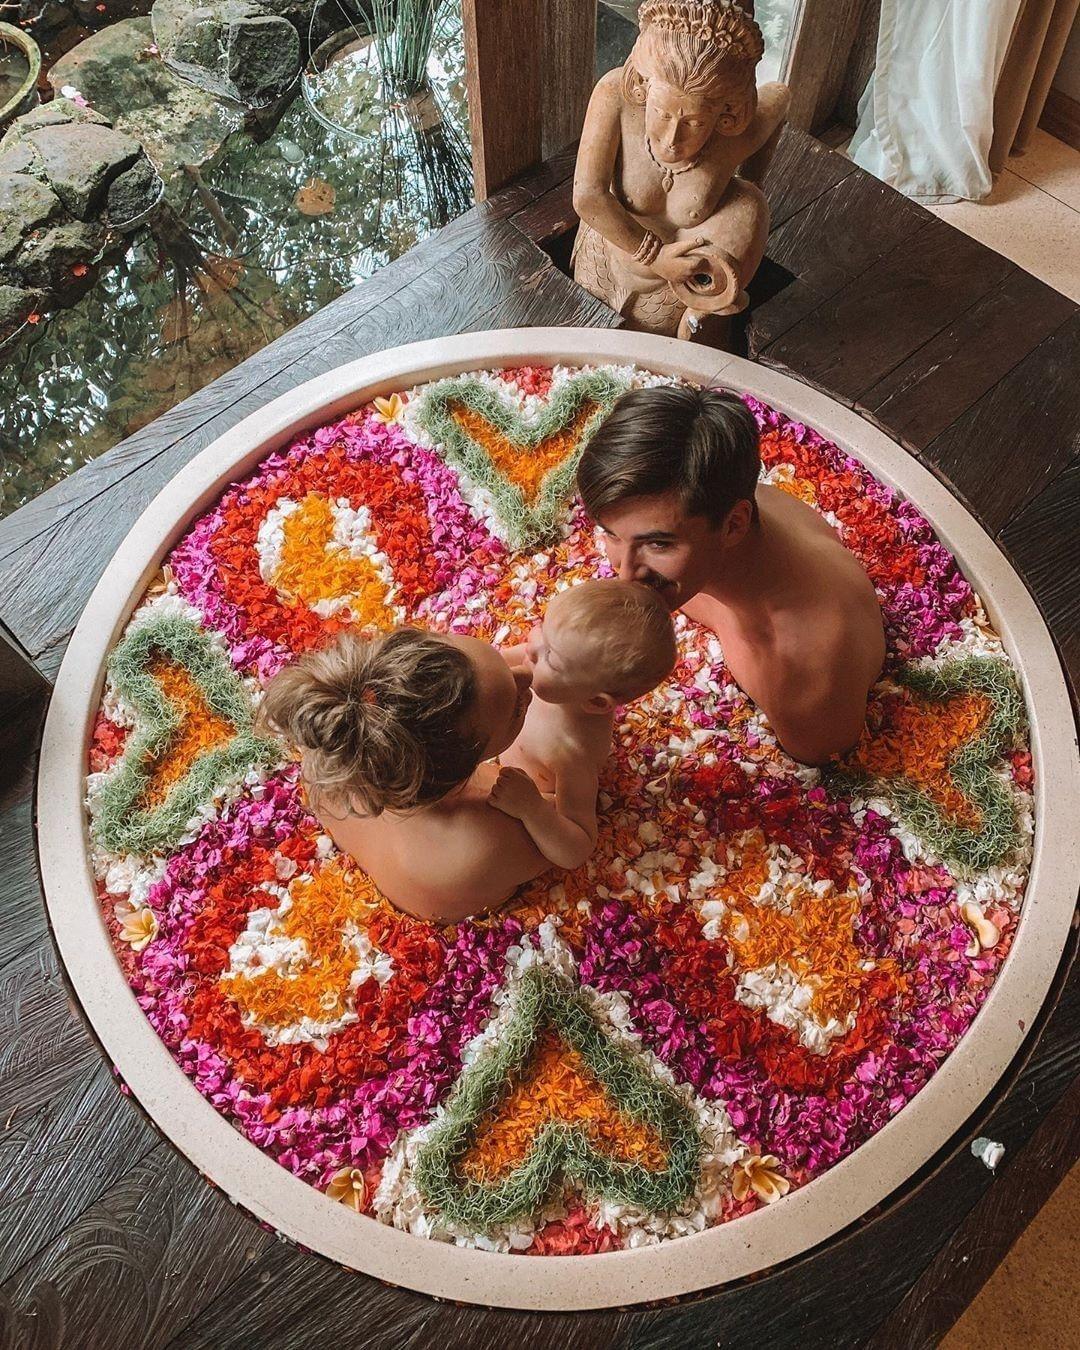 Nhung bon tam hoa tuyet my cho cac cap doi o Bali hinh anh 12 77108013_202893864210512_1598898048090717101_n.jpg